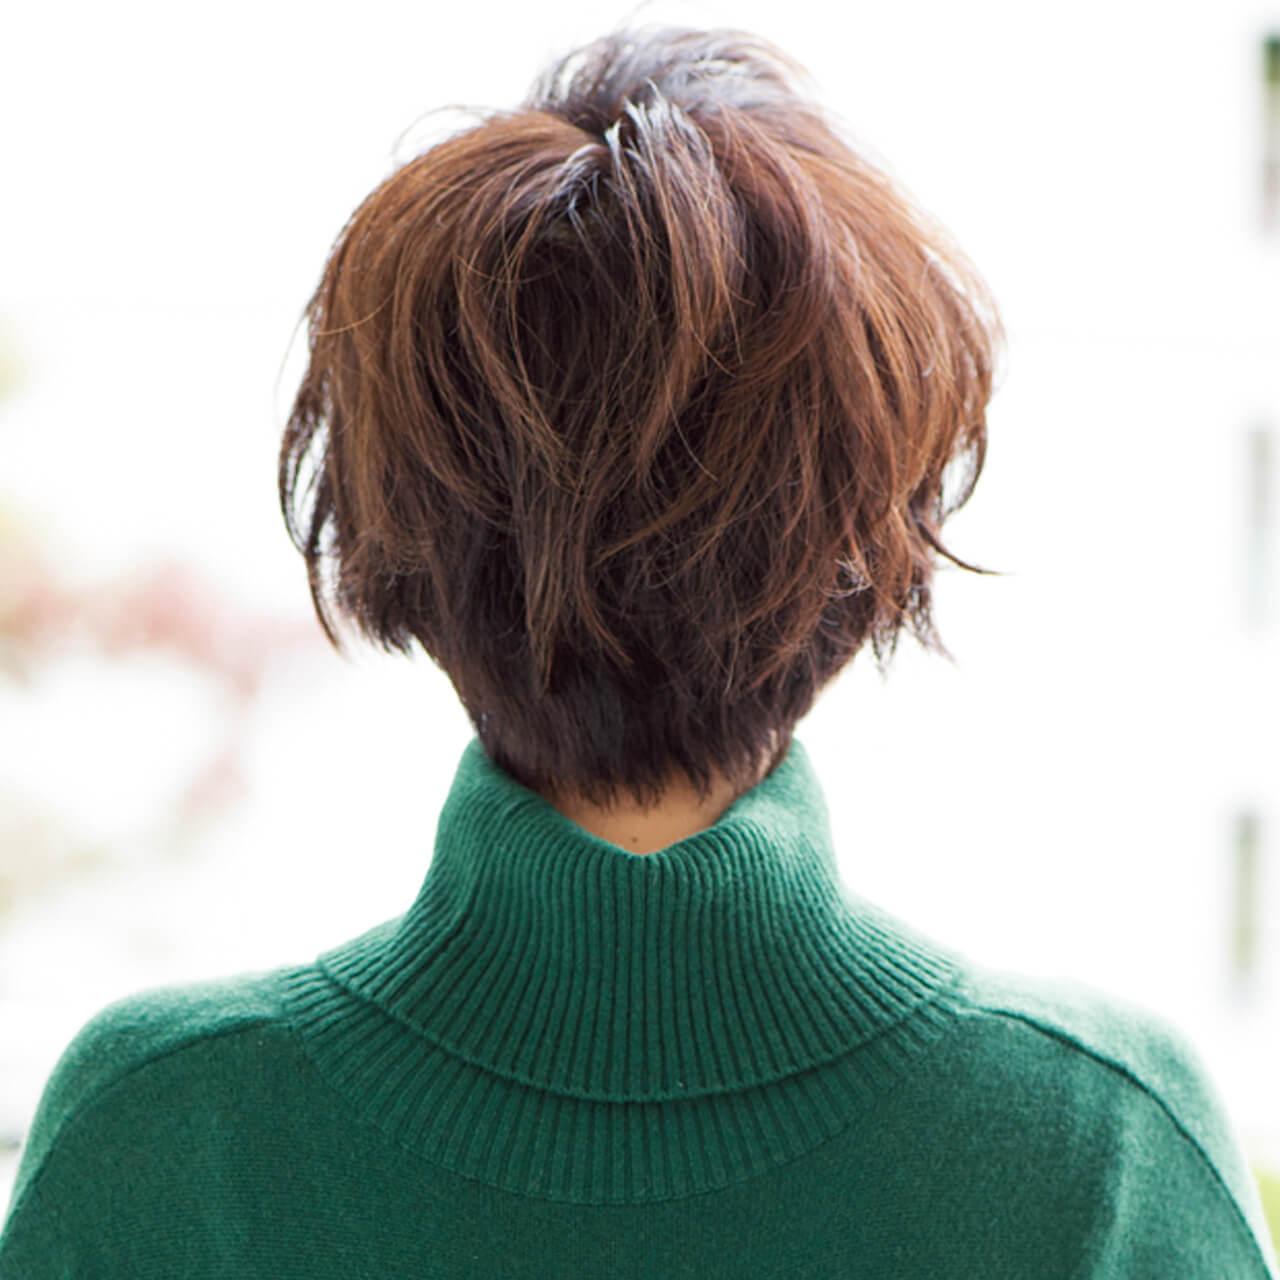 女っぷりのあがるマッシュショートヘア【40代のショートヘア】_1_3